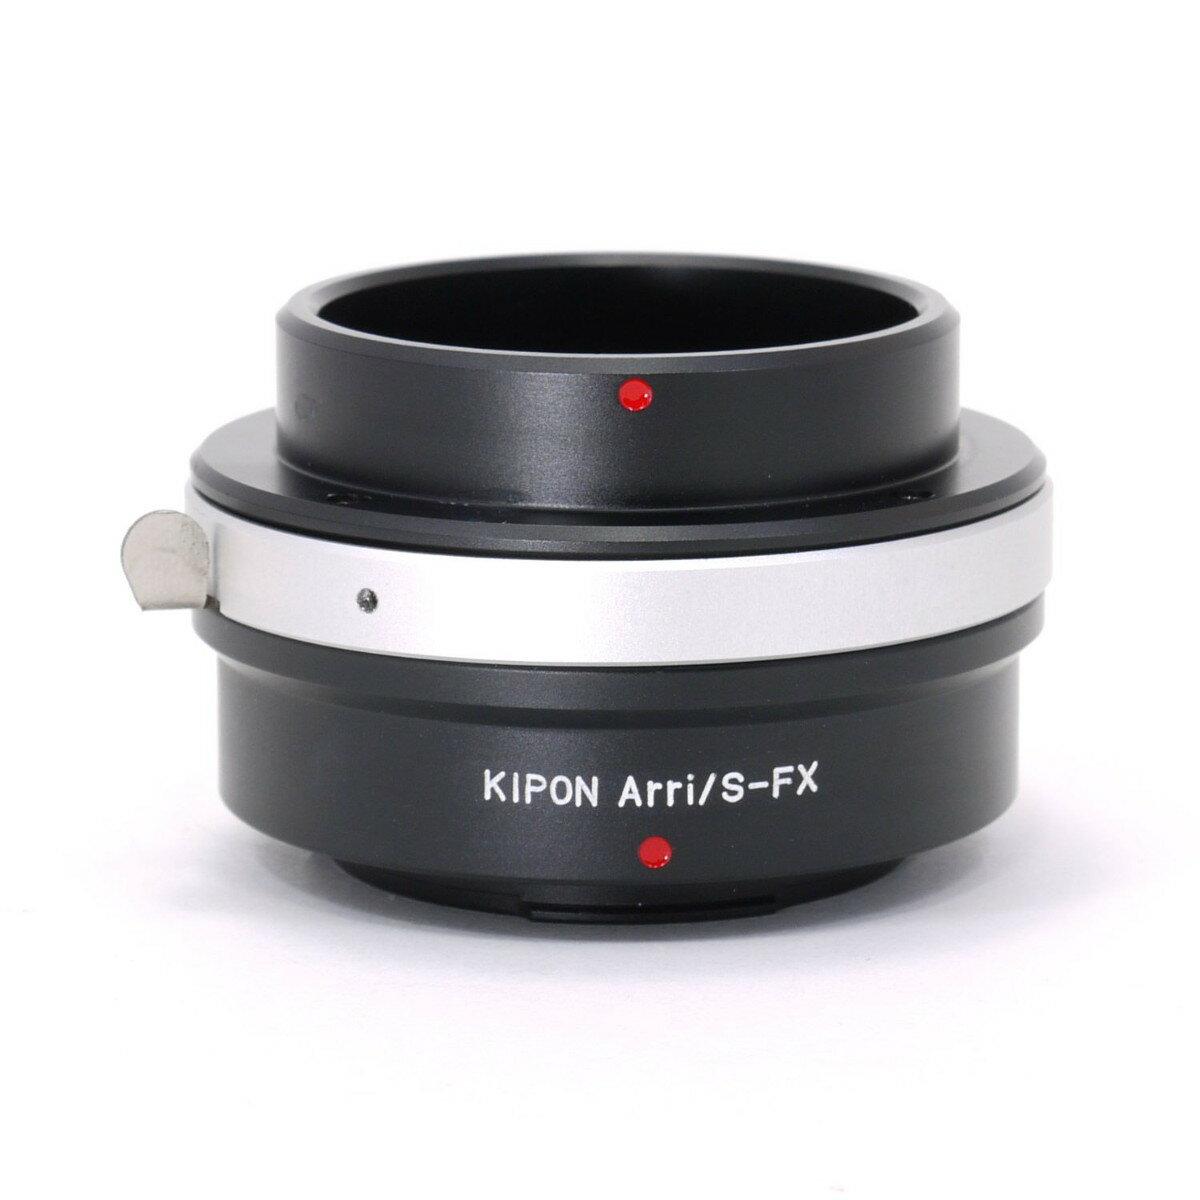 カメラ・ビデオカメラ・光学機器, カメラ用交換レンズ  KIPON ARRIS-FX - X